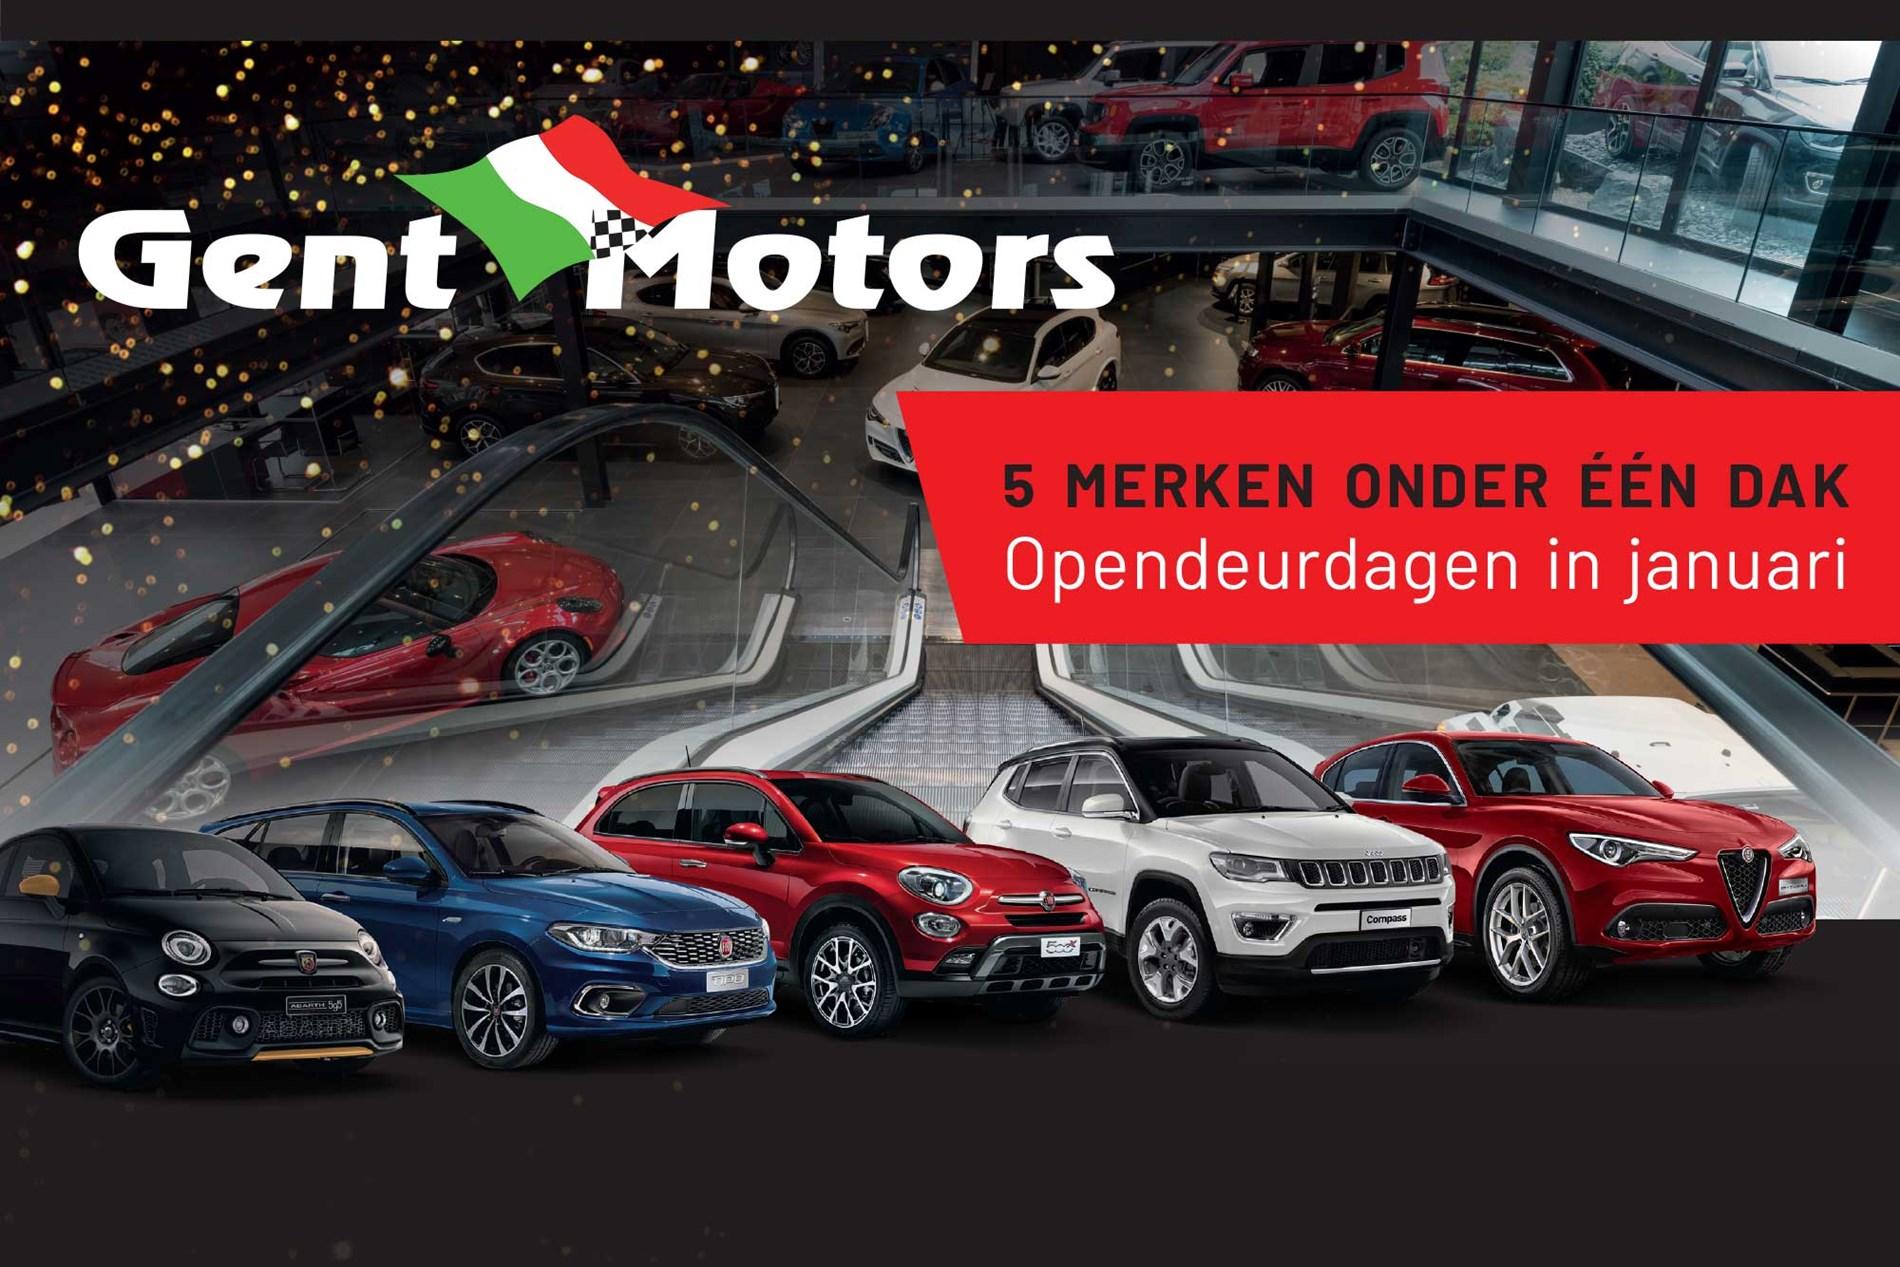 Geniet van interessante saloncondities tijdens het laatste opendeurweekend - Gent Motors